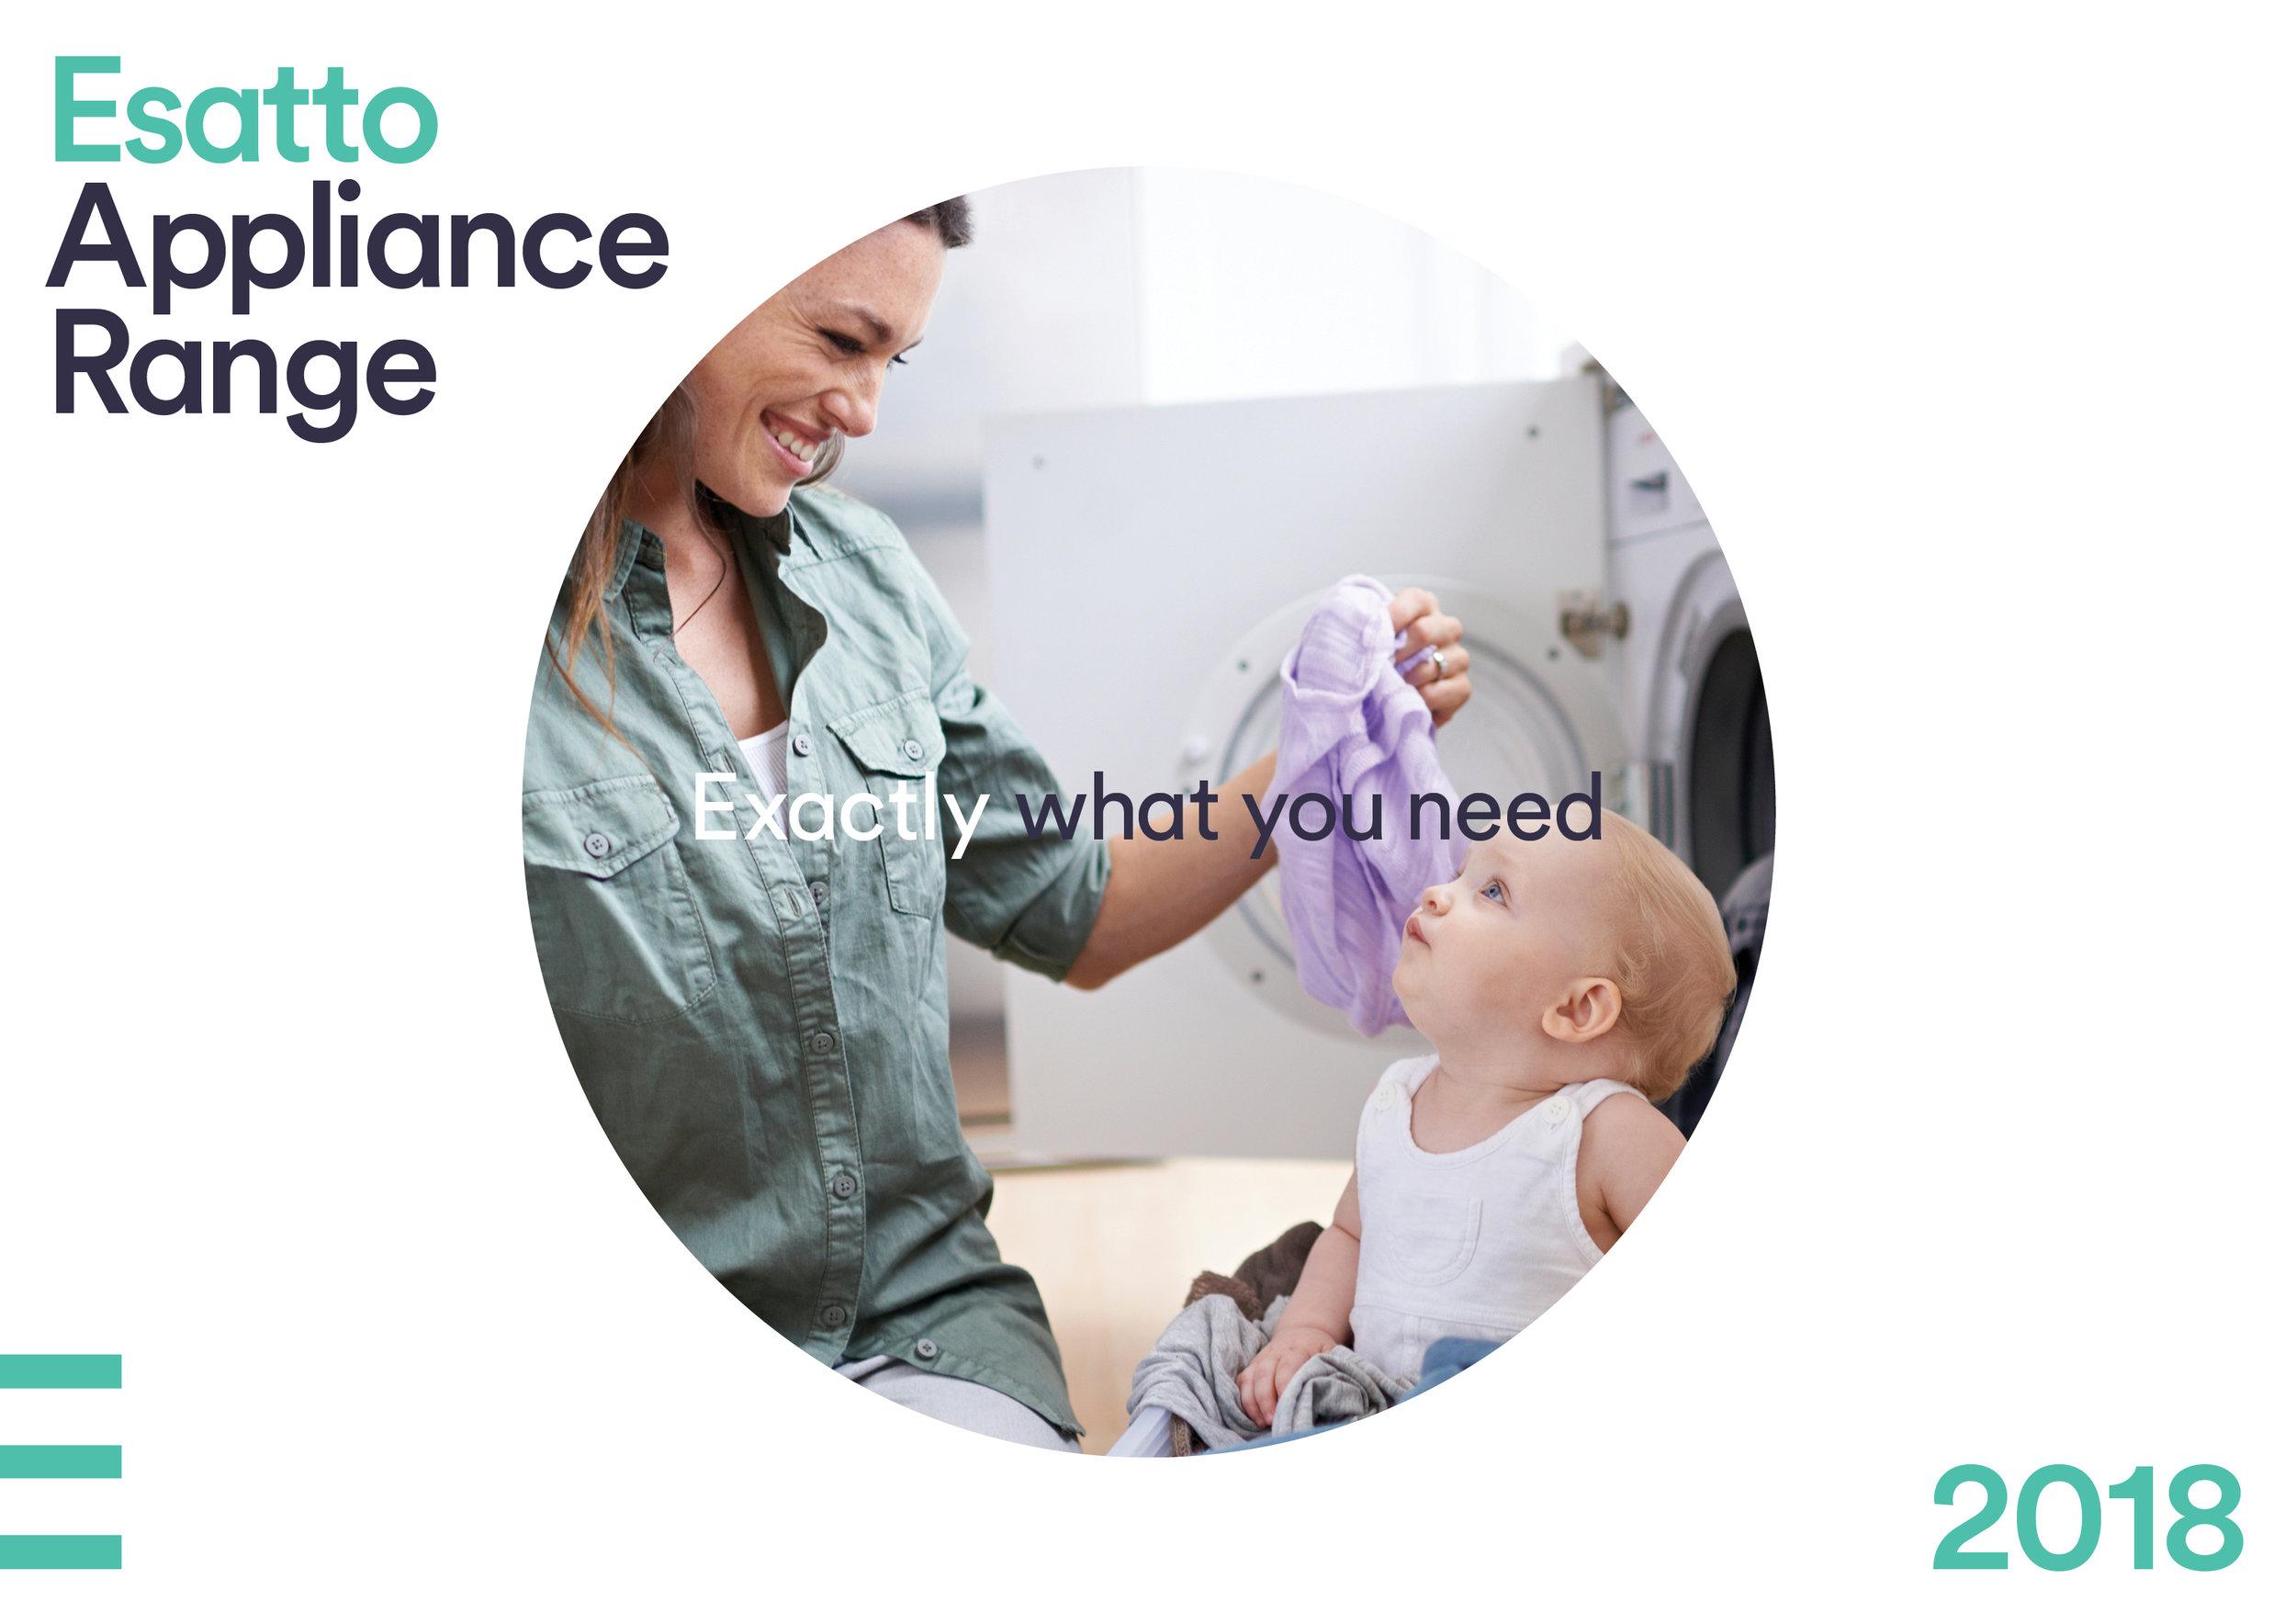 RG_Esatto-ApplianceRange_2018-SP2.jpg